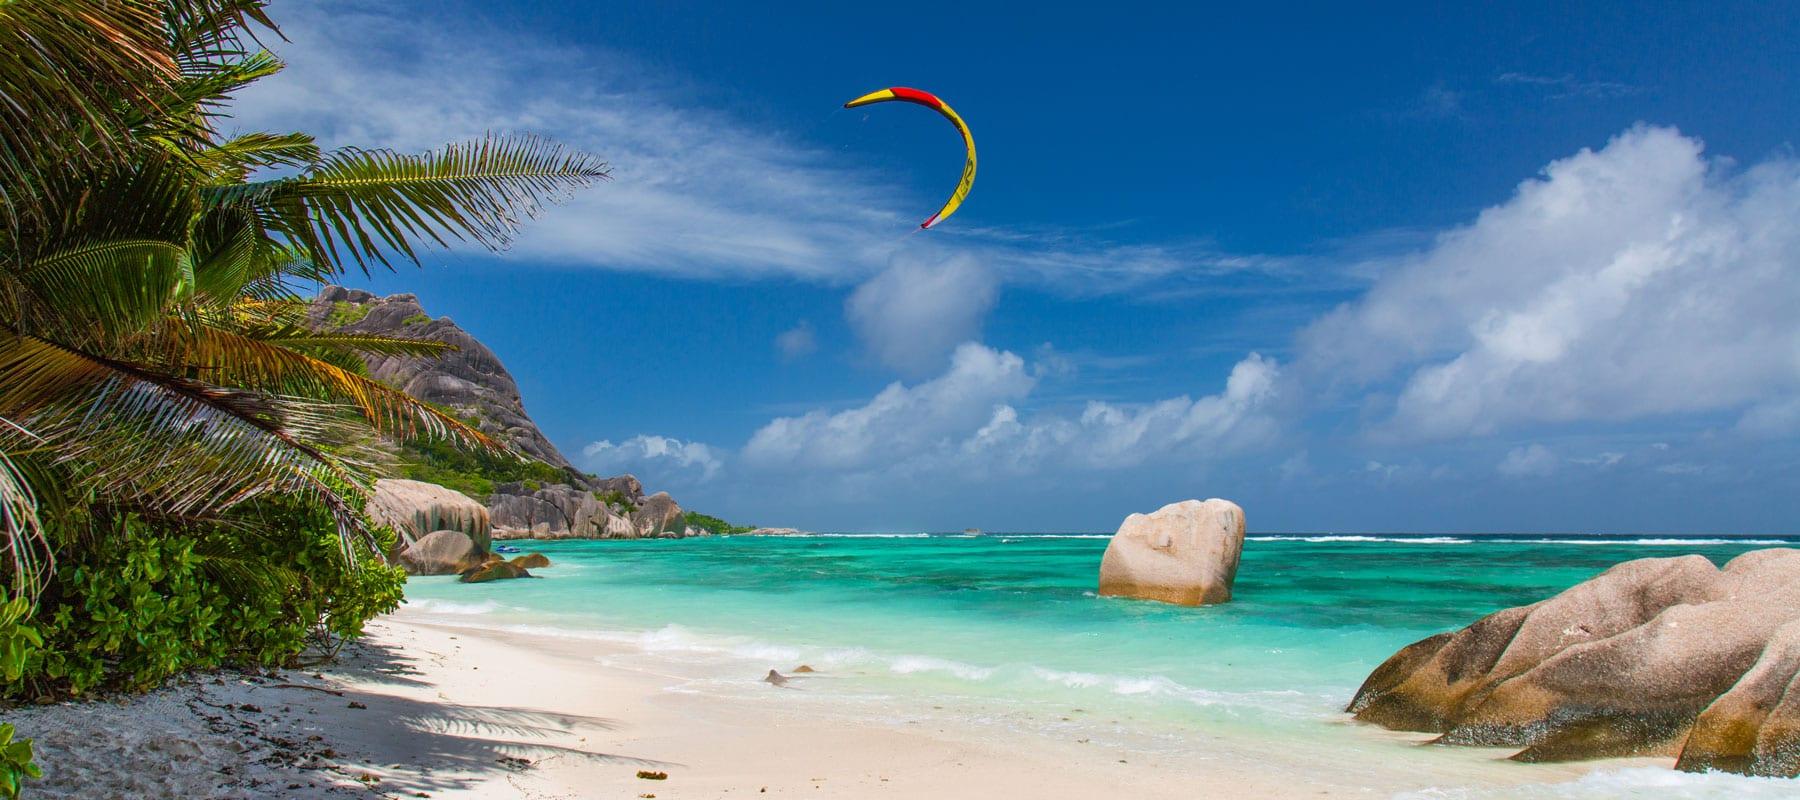 La Digue Seychellen Reiseangebot - Kitereisen buchen